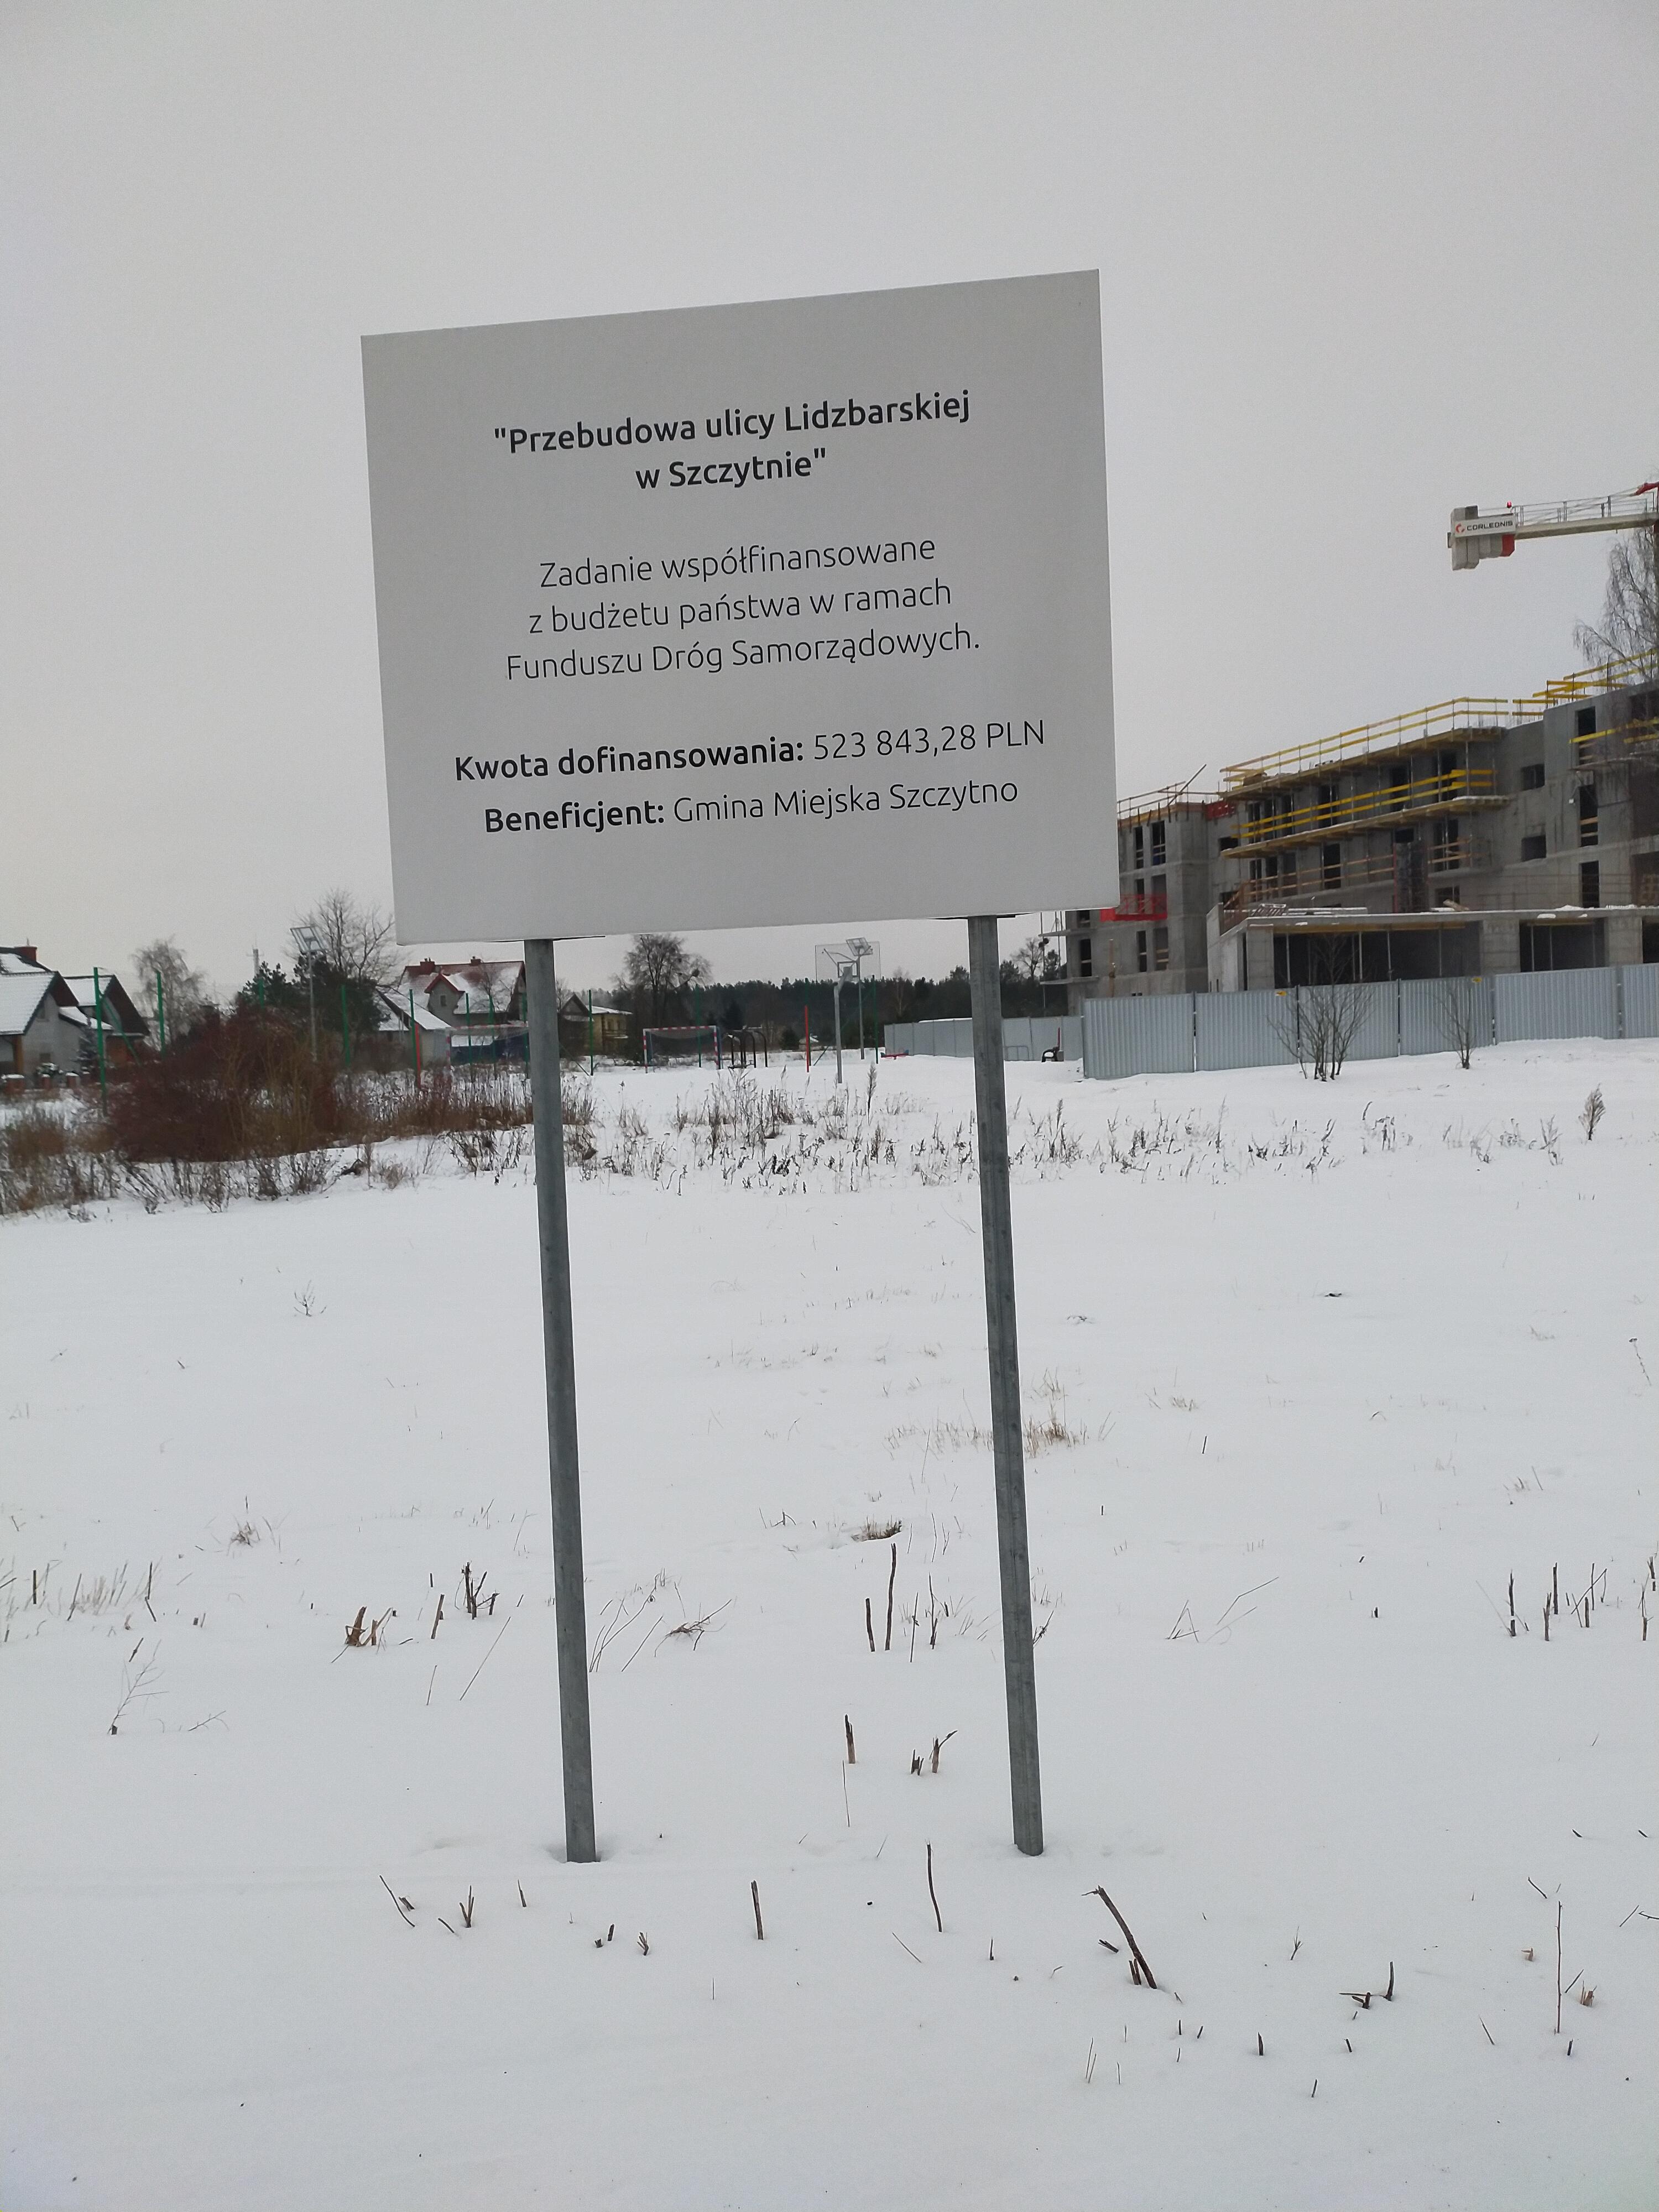 https://m.powiatszczycienski.pl/2021/02/orig/img20210208114948-38001.jpg